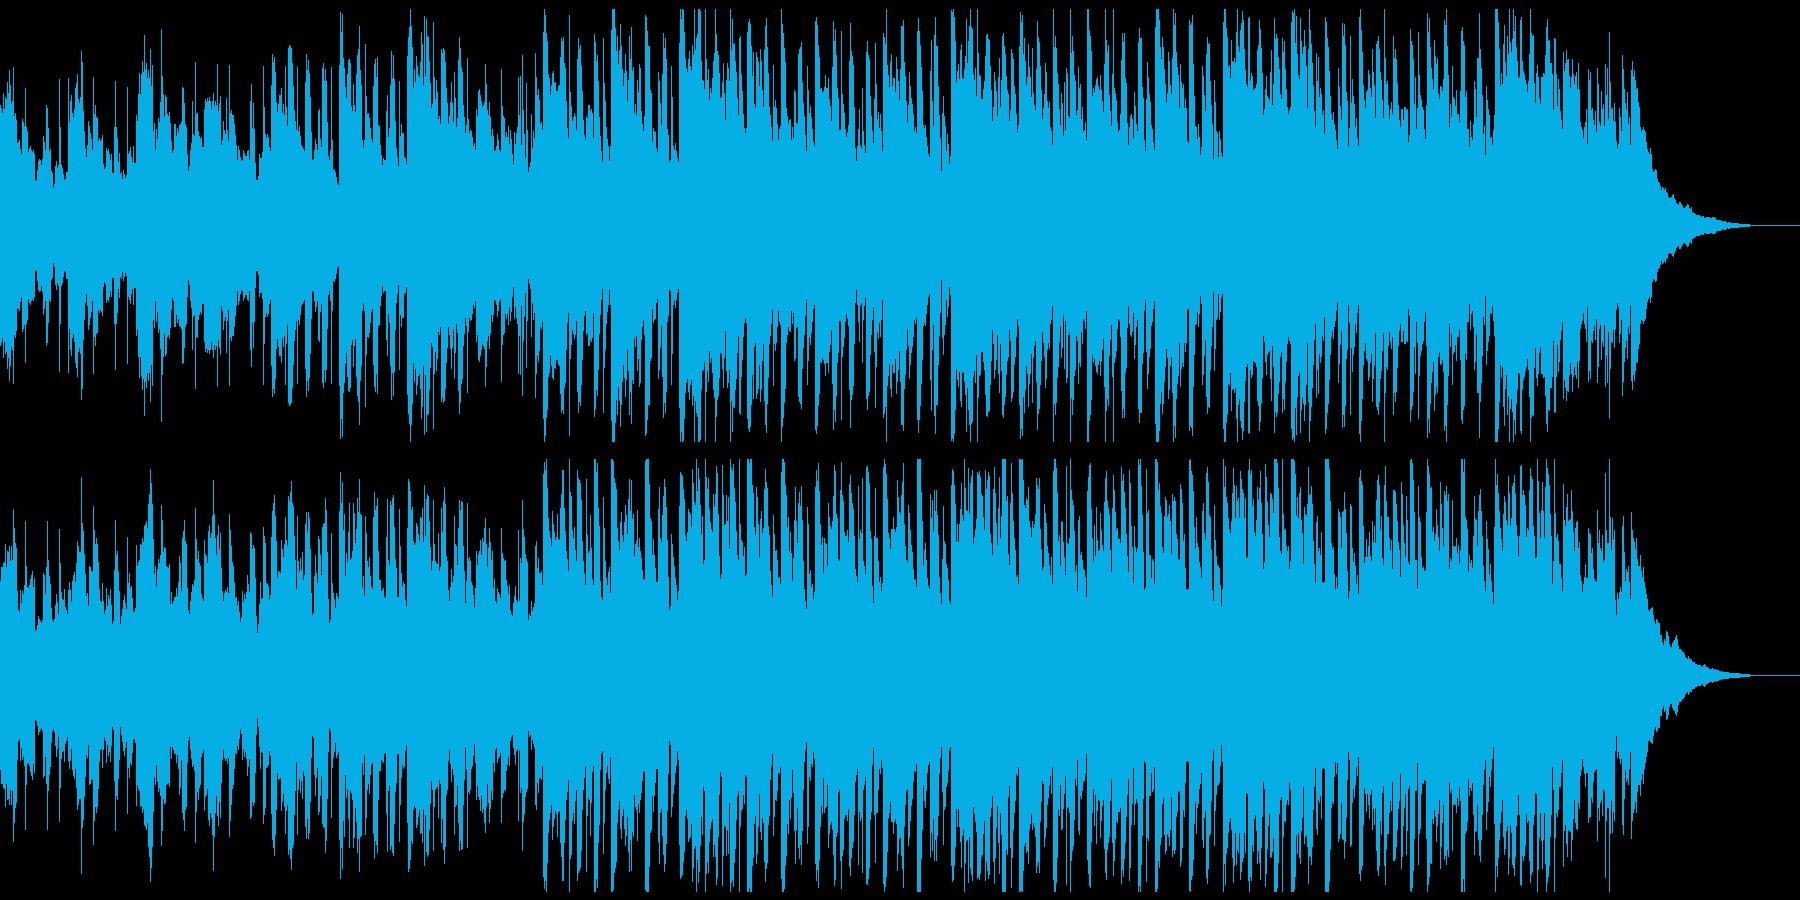 感動的で幸せなアコースティック音楽の再生済みの波形